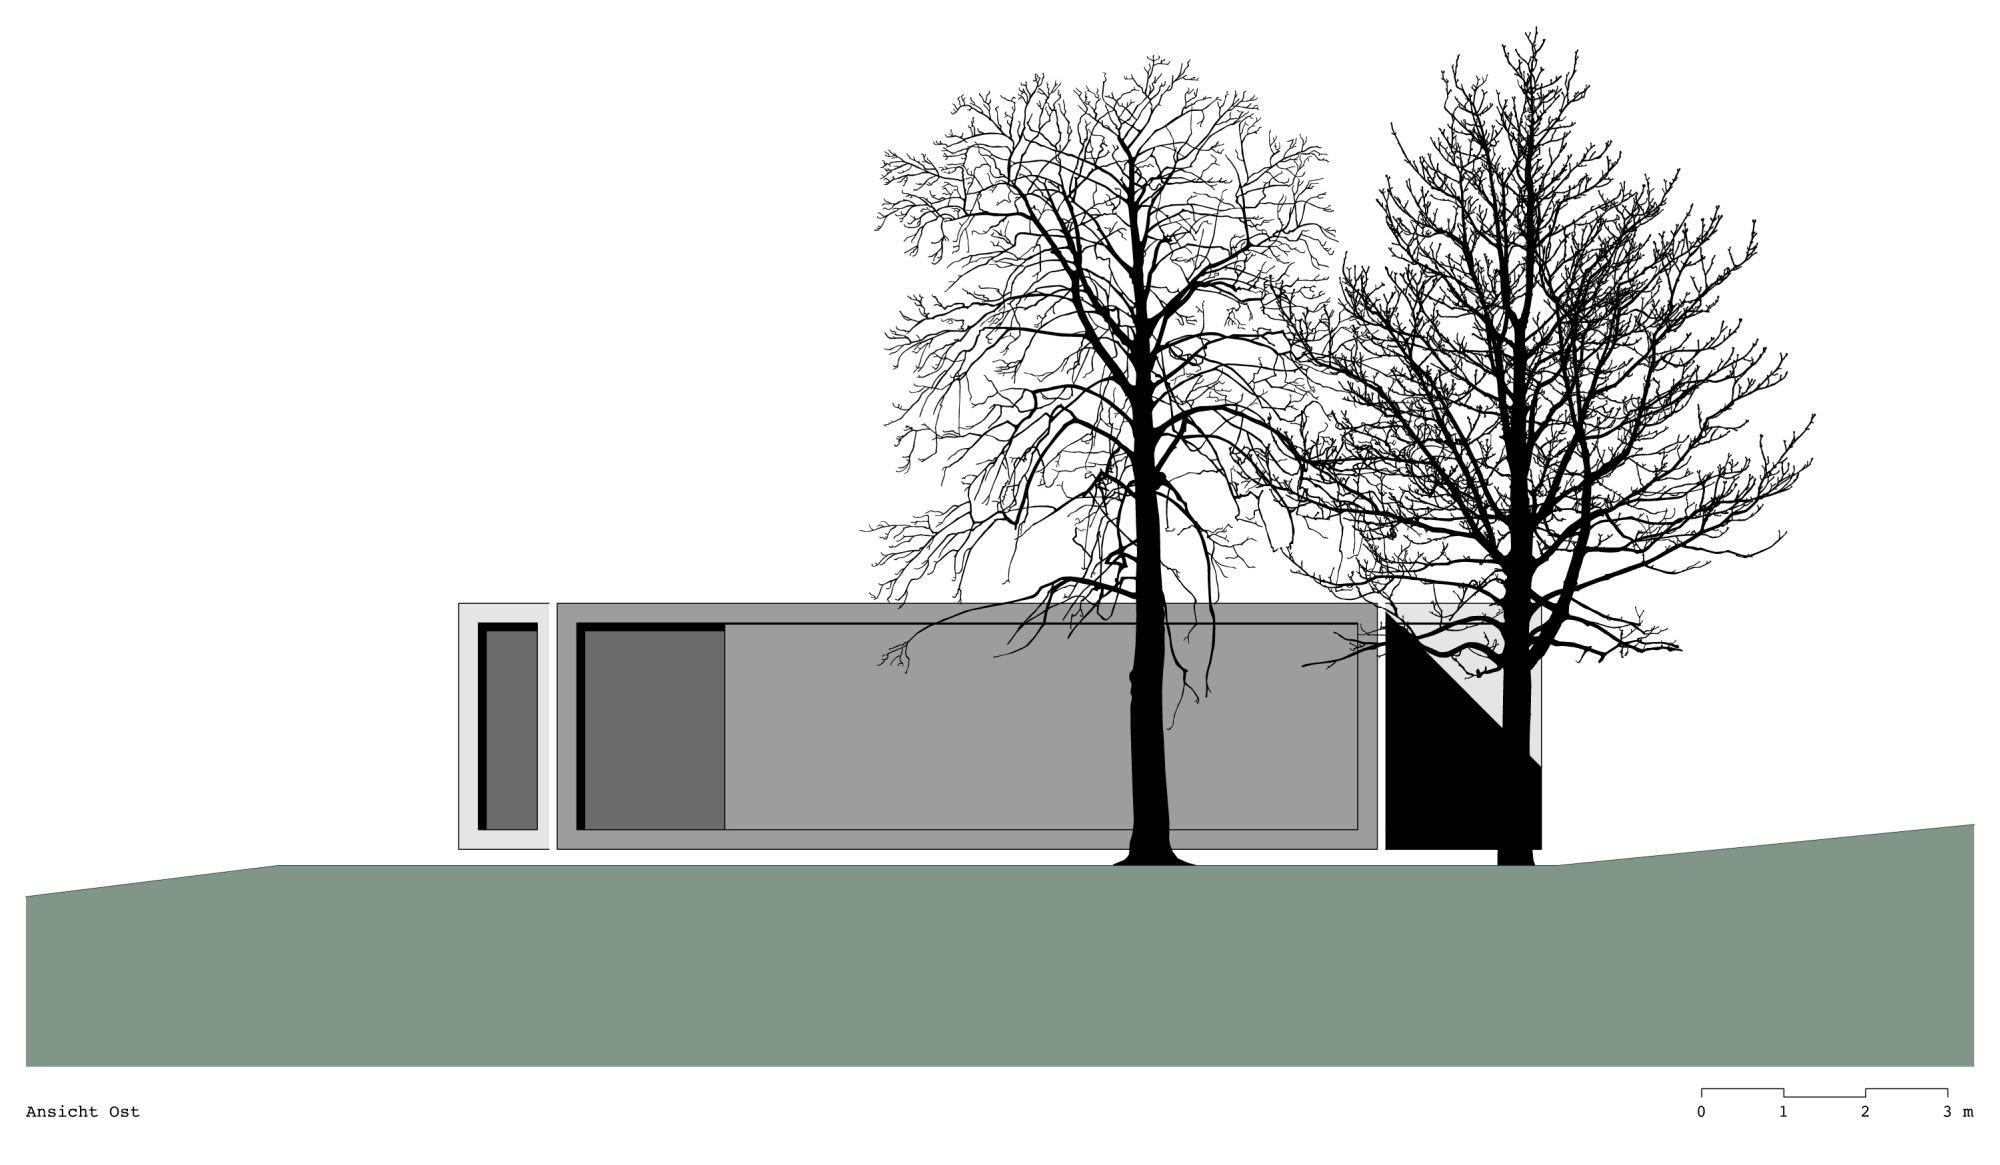 Lhvh Architekten gallery of containerlove lhvh architekten 12